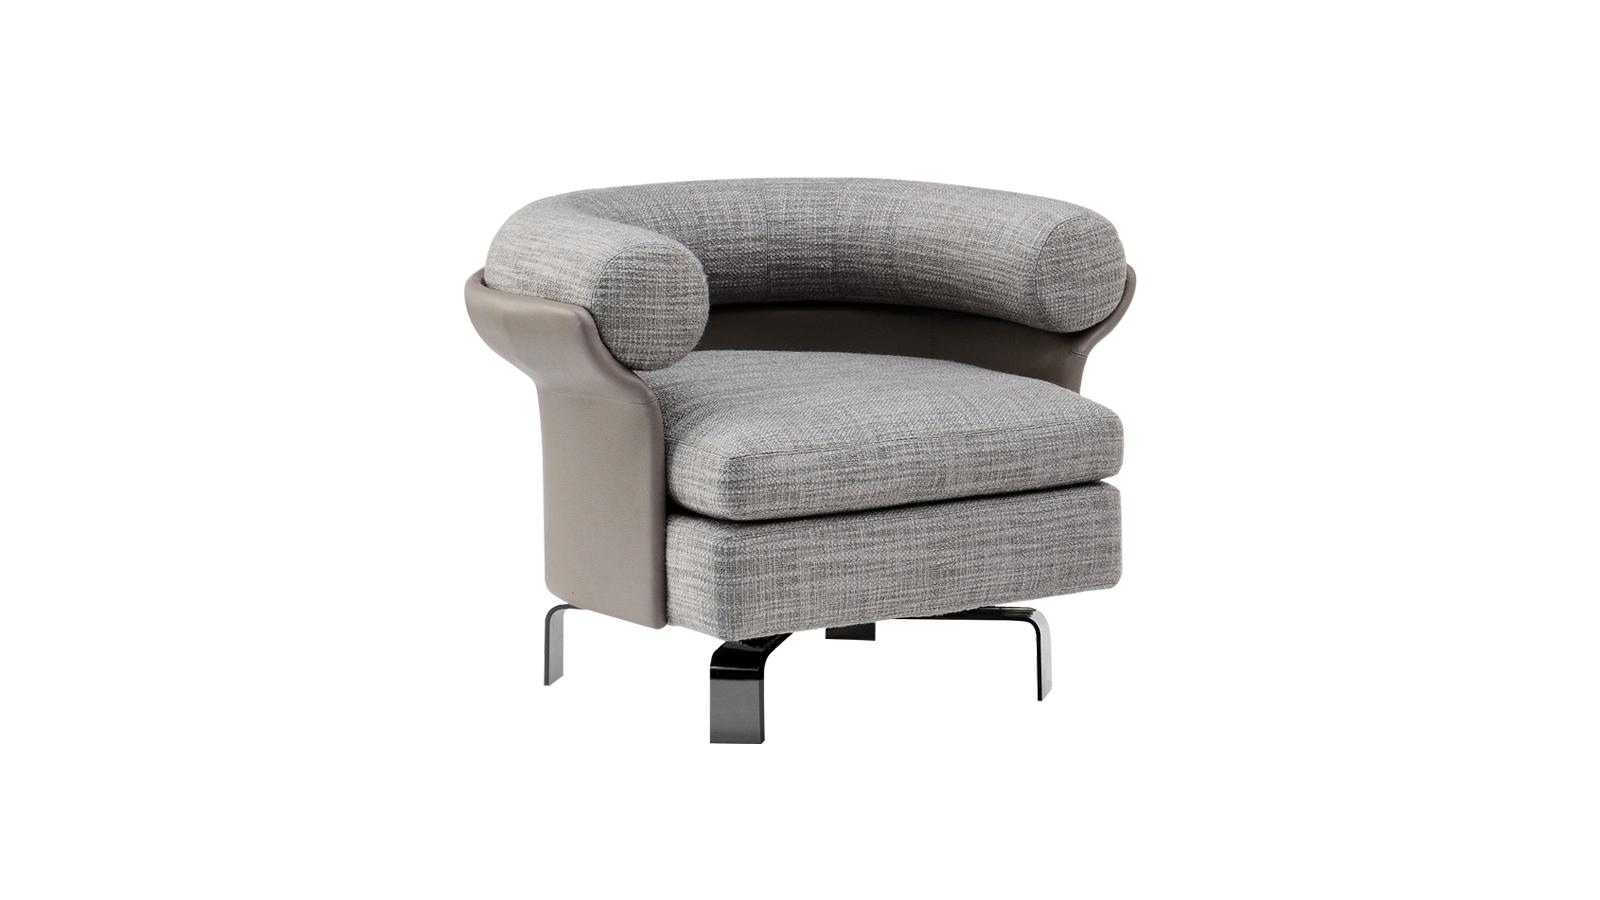 A Mattia bútorkollekciót a kreativitás szülte. Designja a hetvenes évekre nyúlik vissza, miközben ízig-vérig mai, olaszosan kifinomult. A finoman formázott váz körbeöleli az ülést, majd lazán kinyílik, hogy befogadja a hengeres háttámlát. A bútorcsalád háromüléses kanapé, karosszék és forgó karosszék verziót is tartalmaz – a karosszéket itt a 2020-as év legnépszerűbb anyagából: fehér bukléból látjuk megvalósulni.